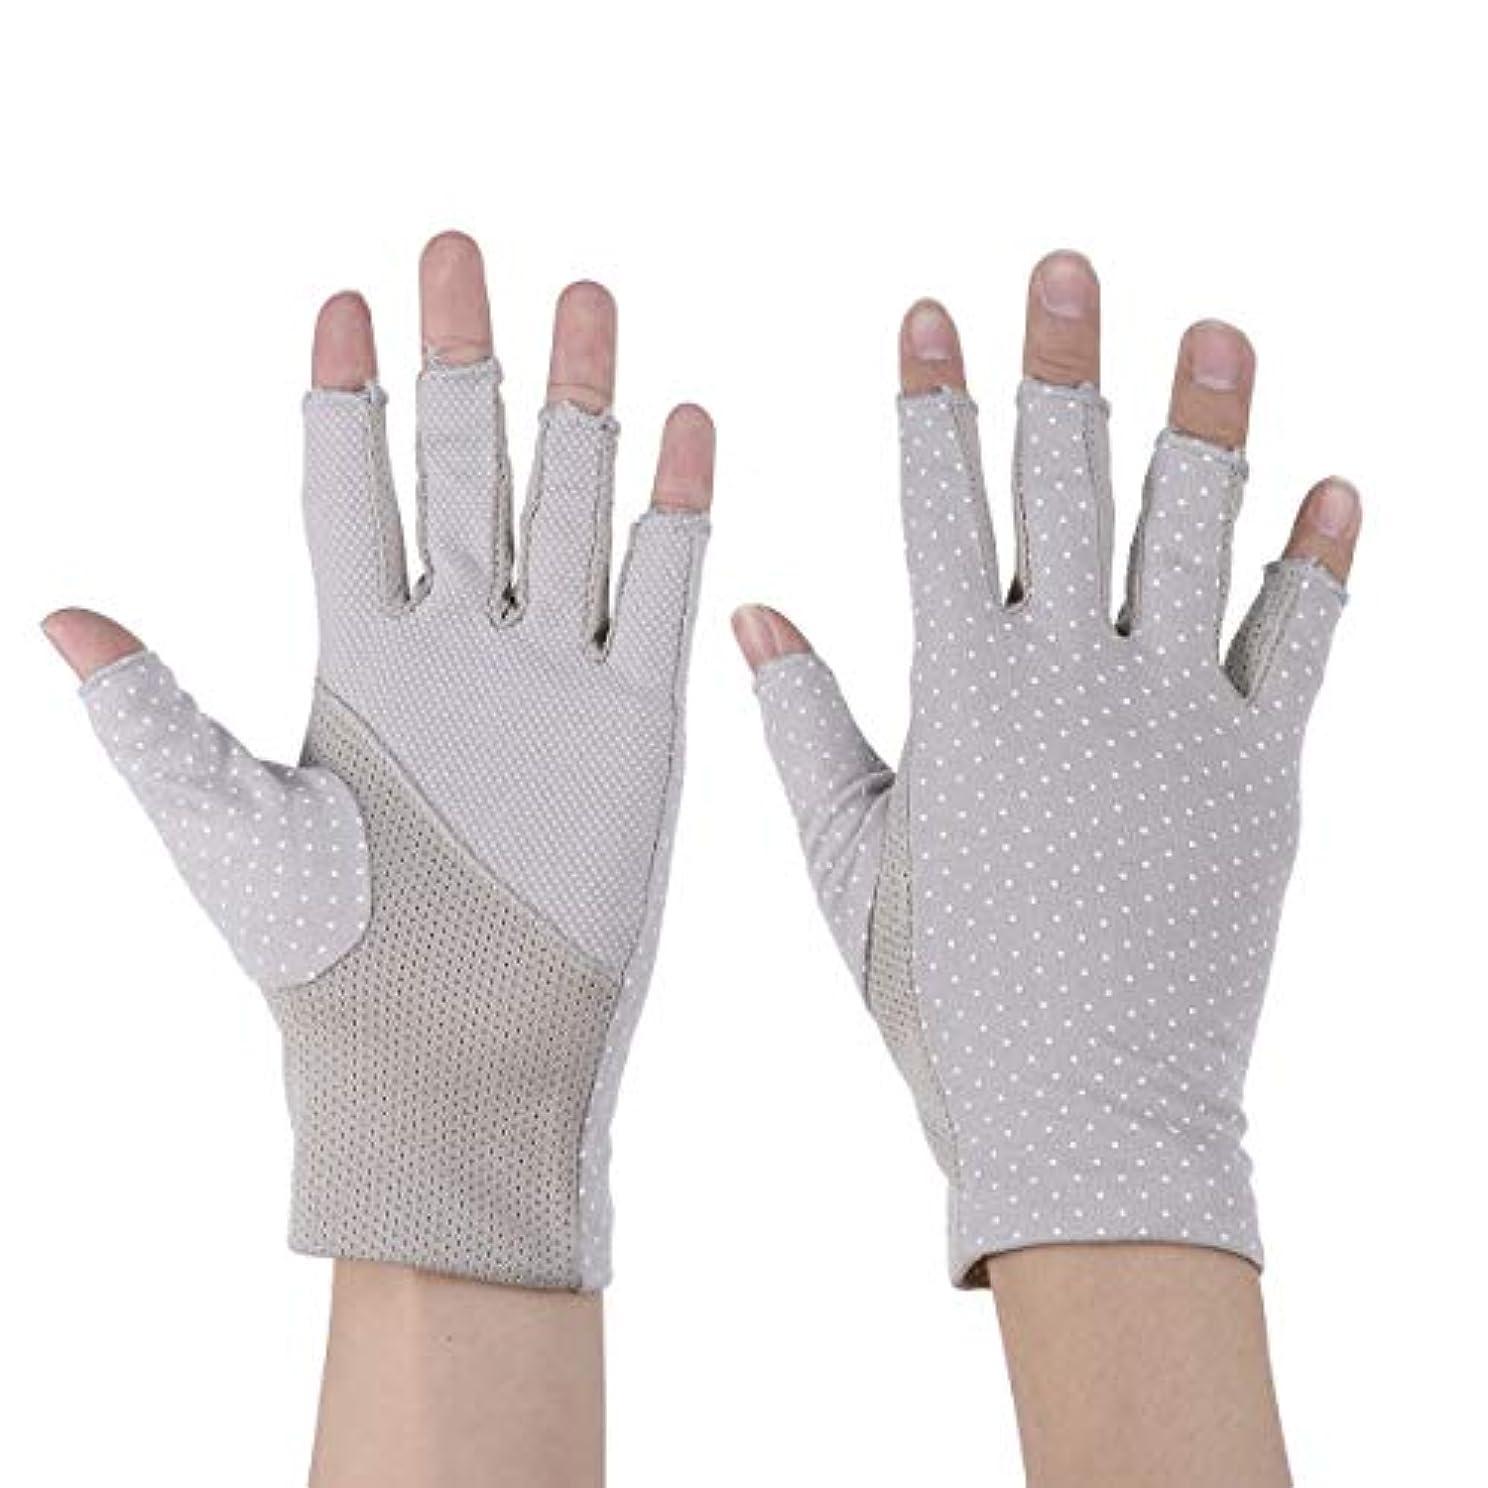 群がる忠誠スイッチHealifty 1ペア日焼け止め手袋ワークアウトミトンハーフフィンガー紫外線保護手袋用サイクリンググレー